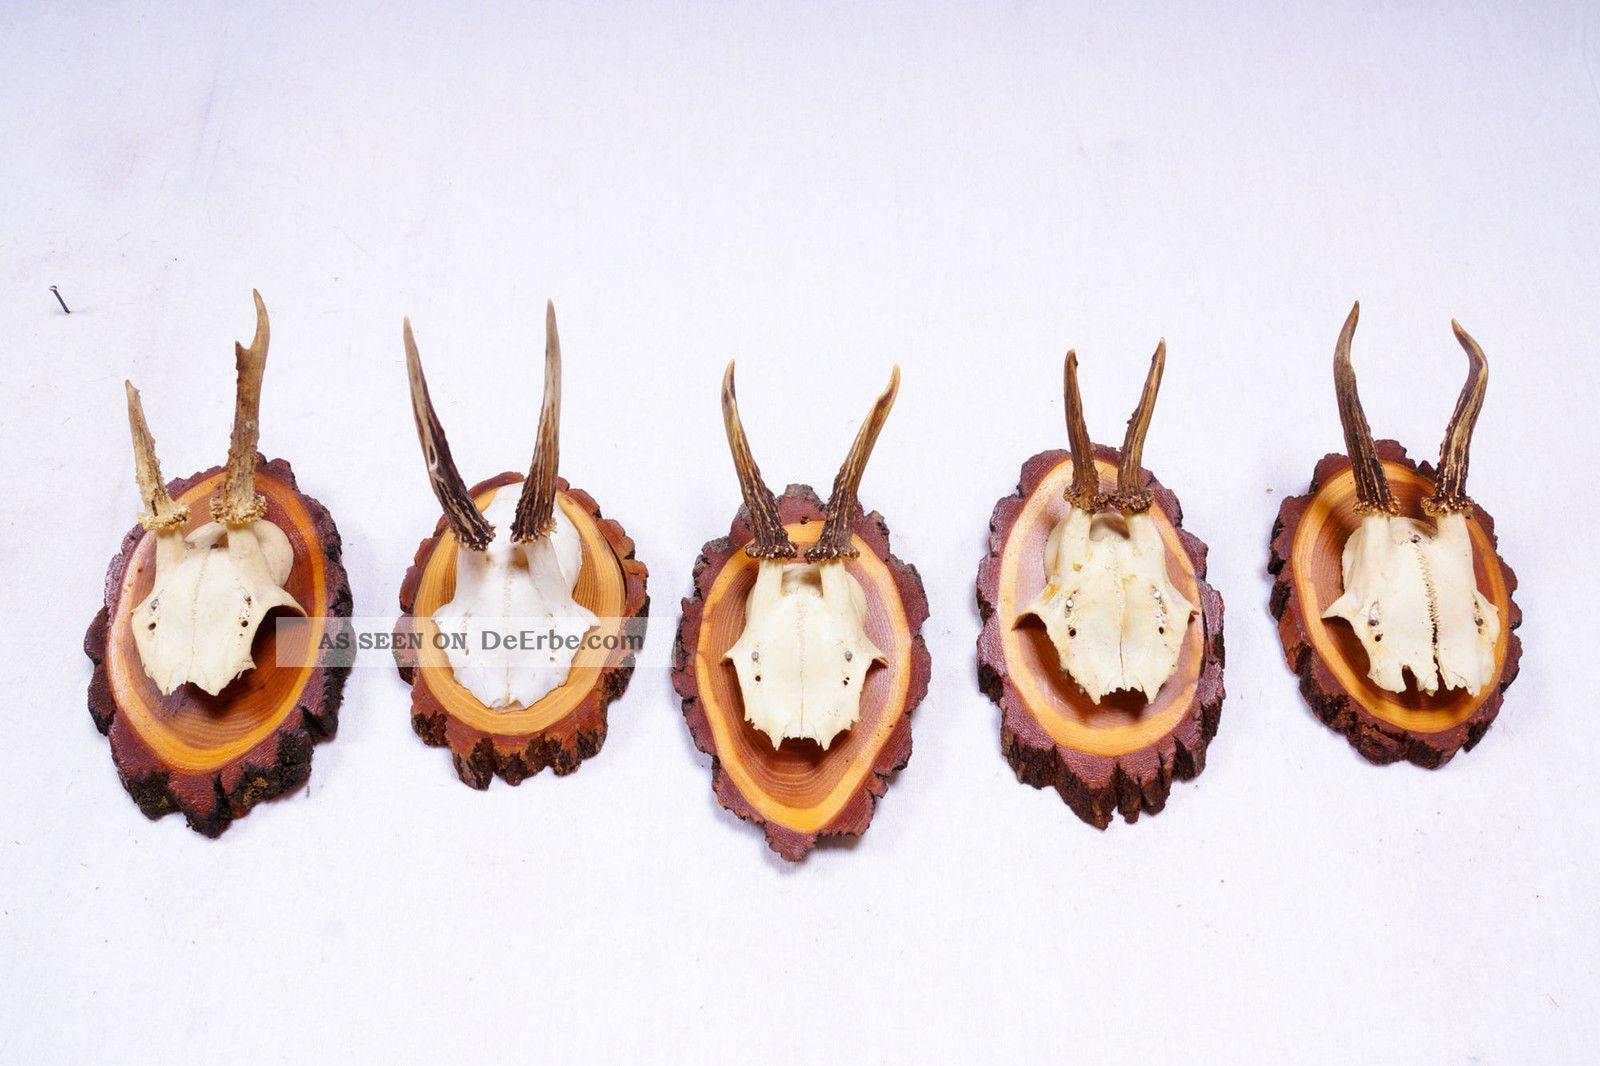 5 Rehgeweihe Auf Naturholzbretter Roe Deer Trophies Jagd & Fischen Bild